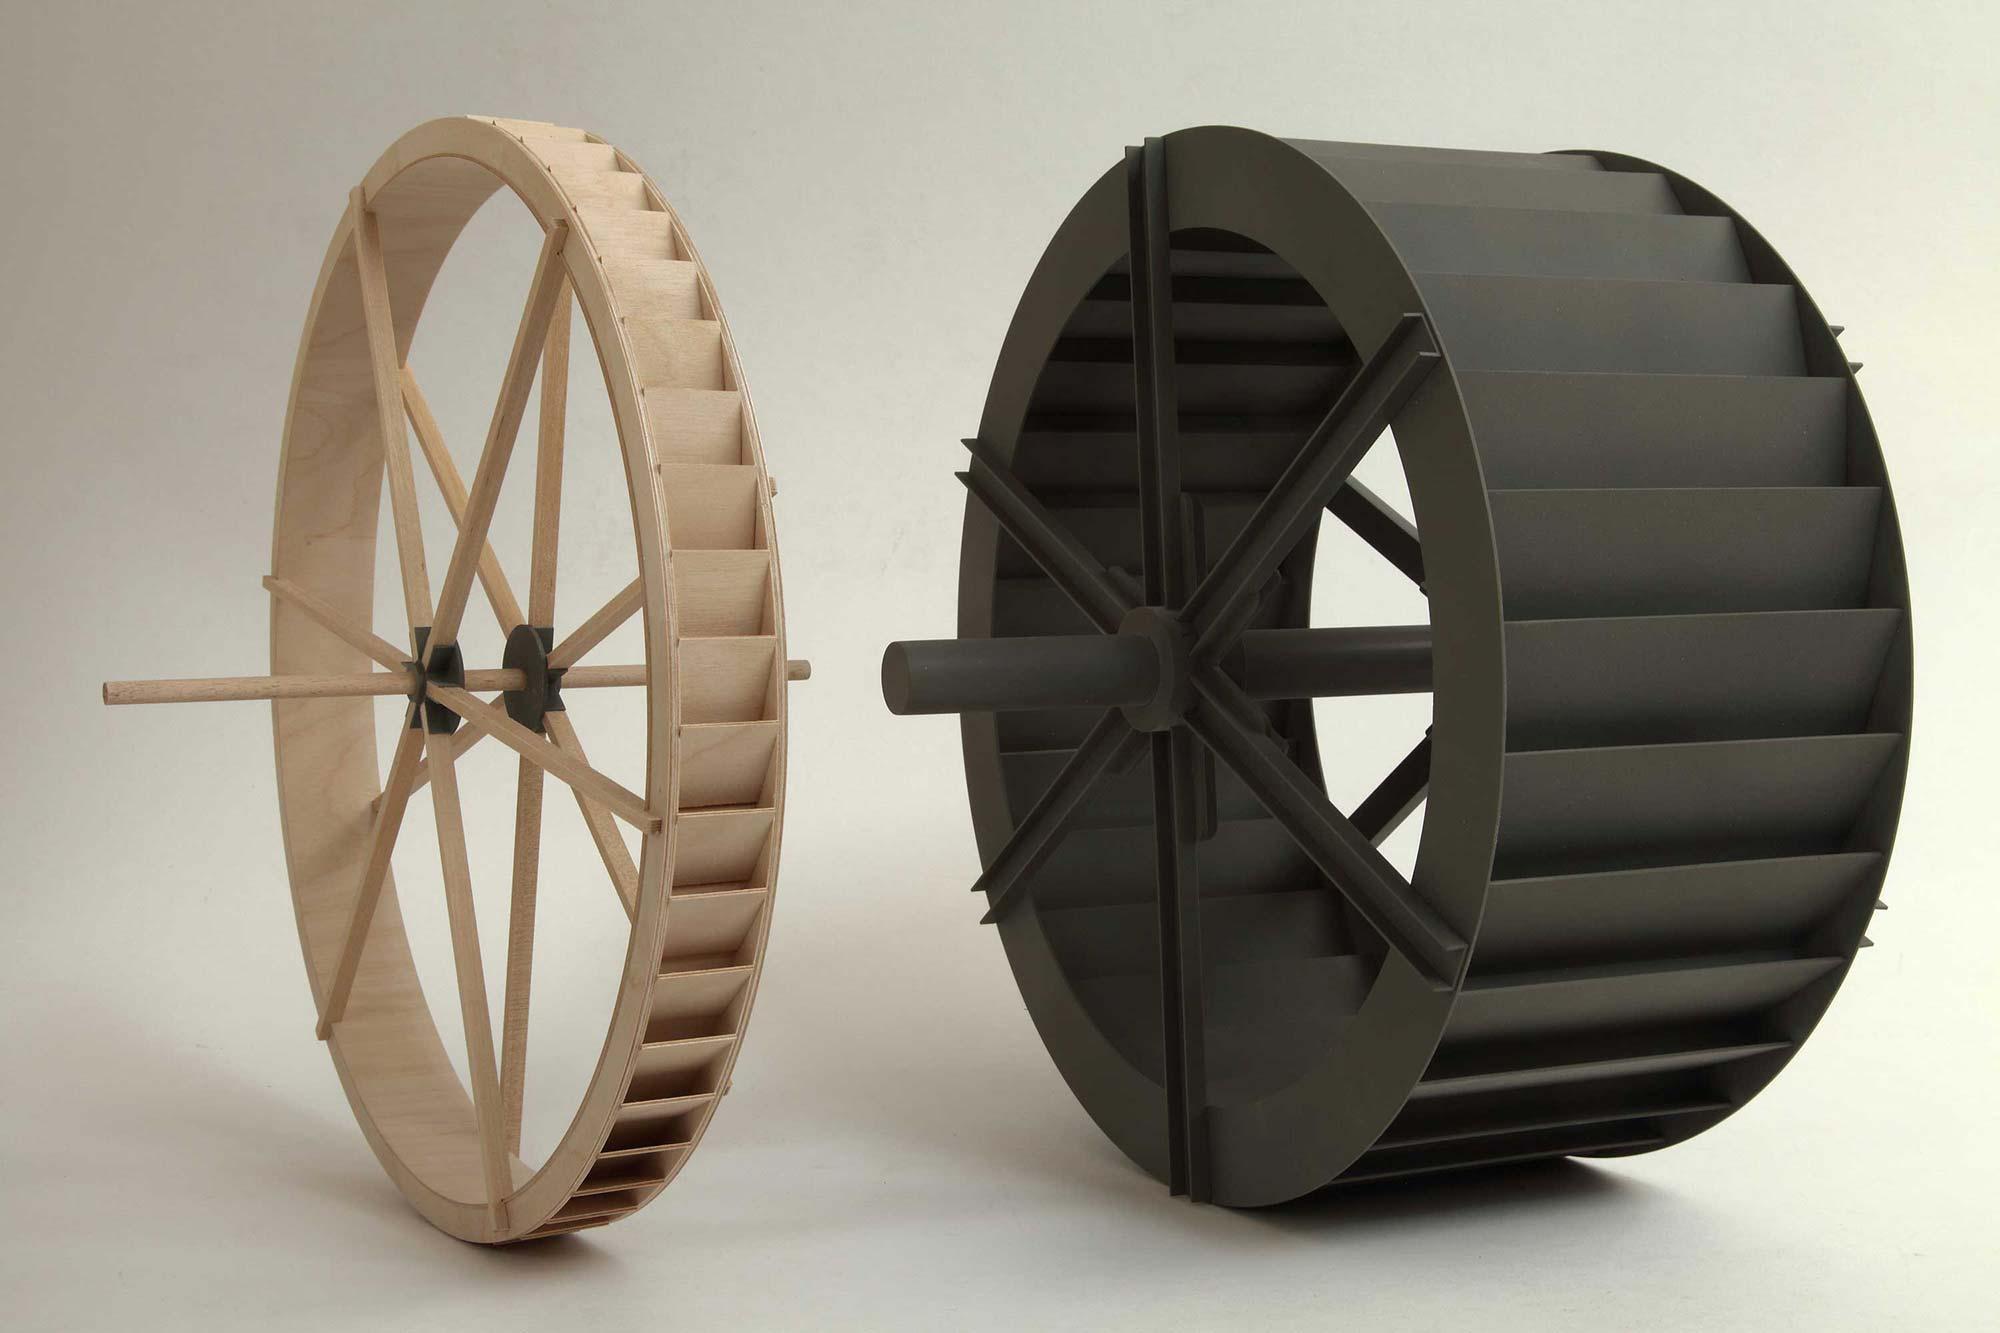 Modellszene mit zwei Wasserrädern